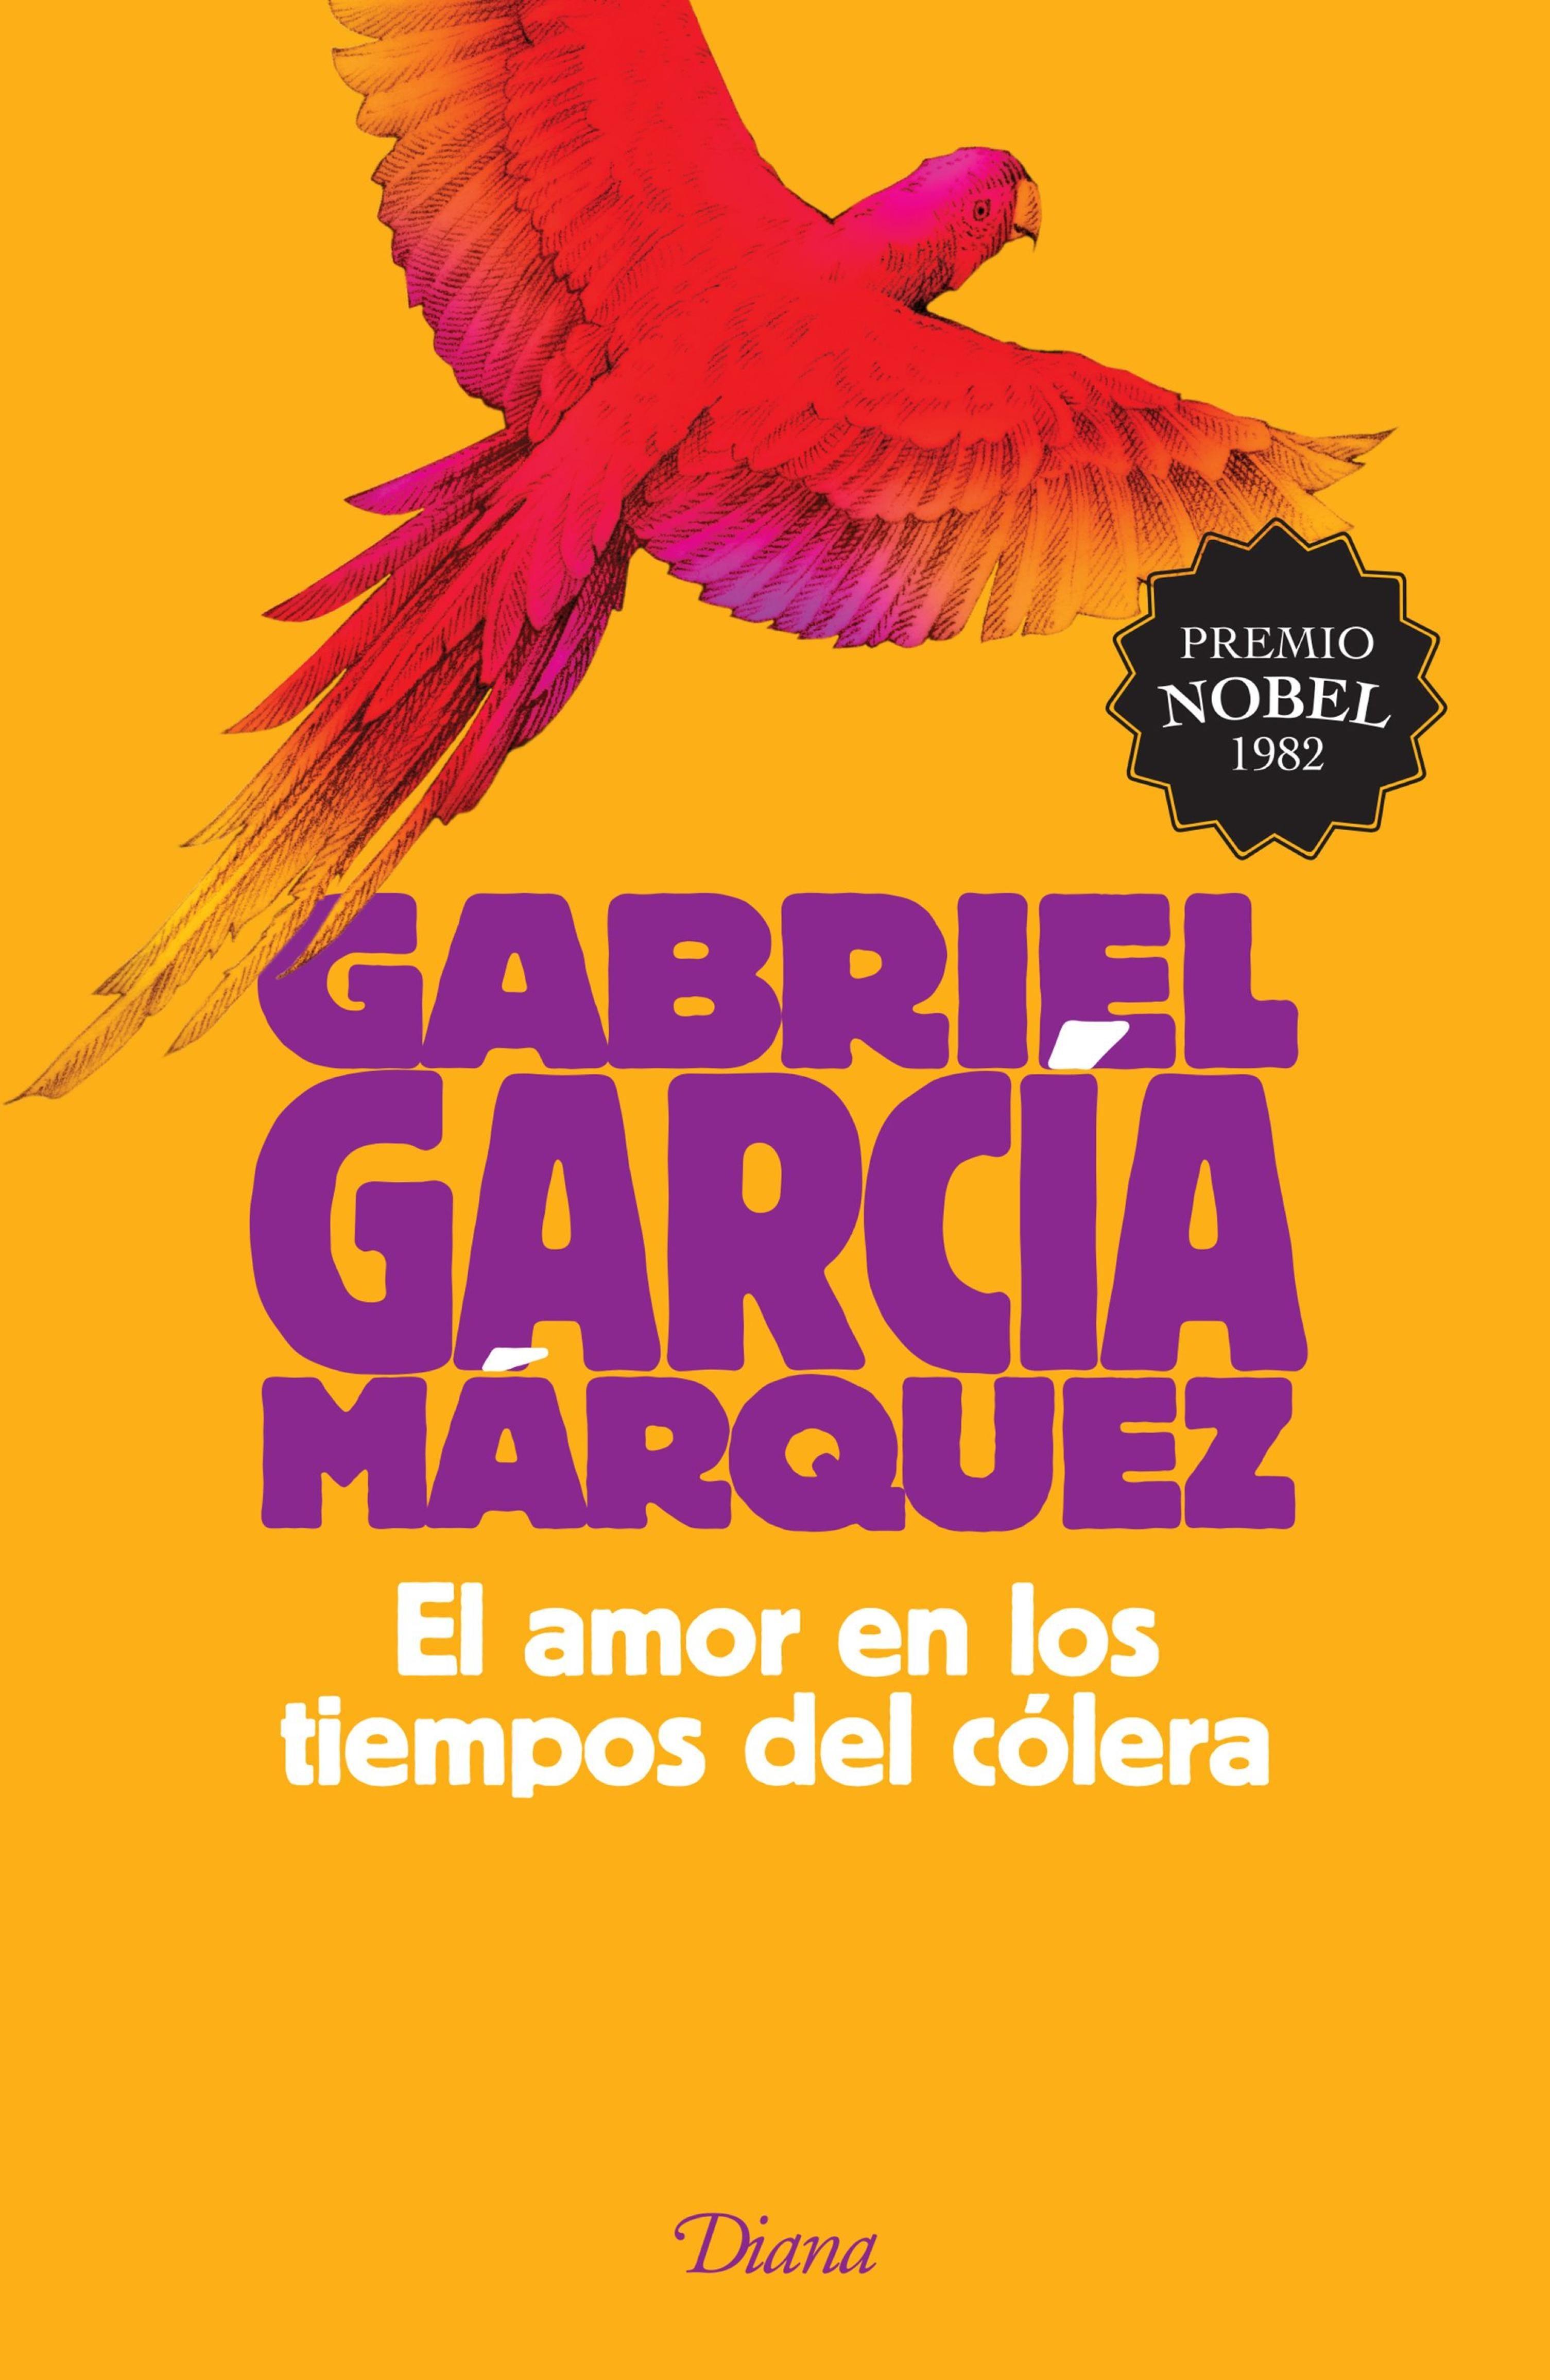 El amor en los tiempos del c lera ebook gabriel garcia marquez 9786070726743